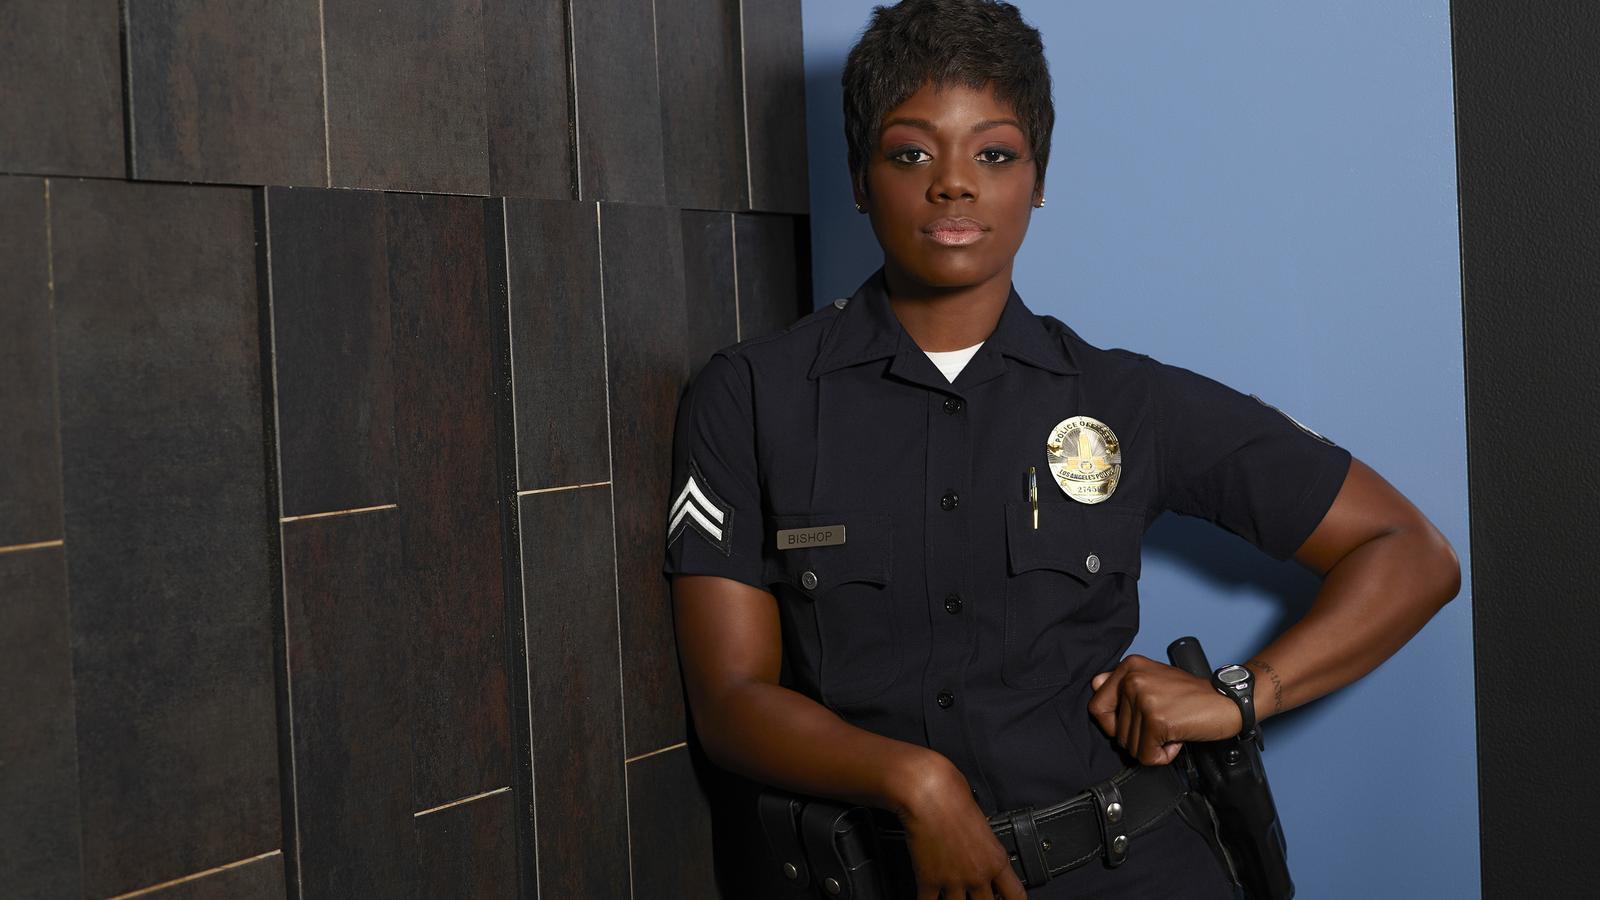 Una actriu de 'The rookie' deixa la sèrie per assetjament sexual i discriminació racial